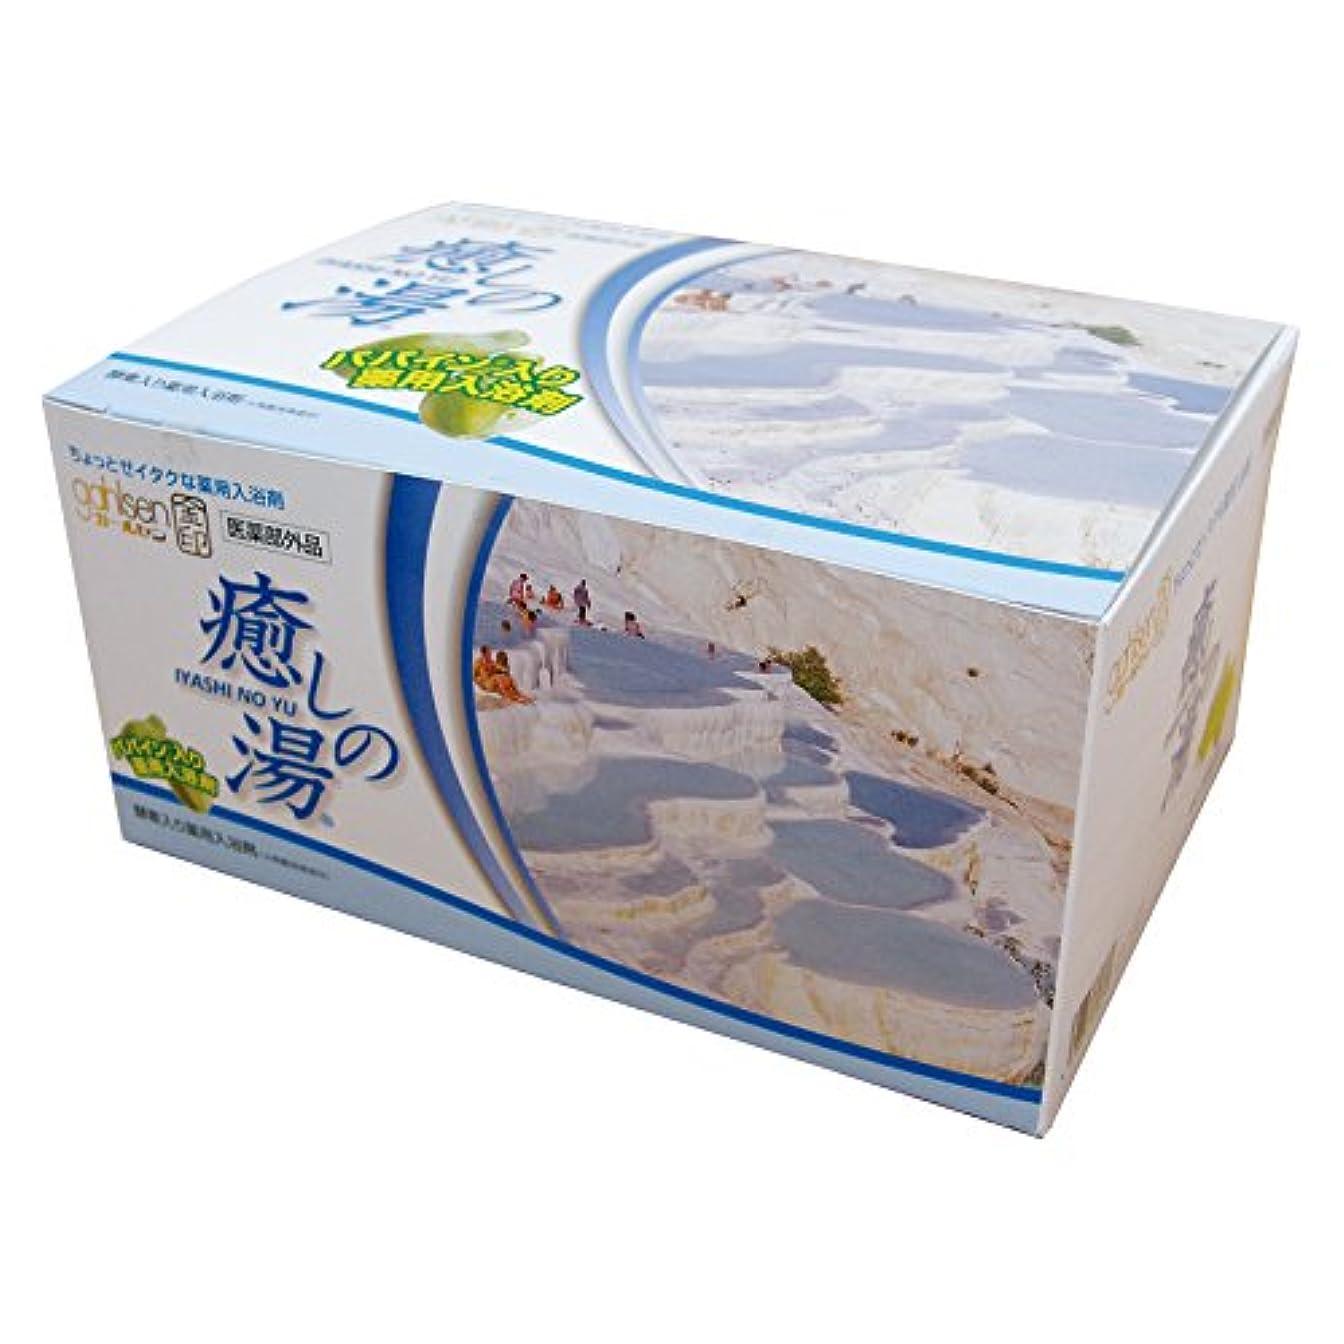 ガールセン 癒しの湯 金印 60包